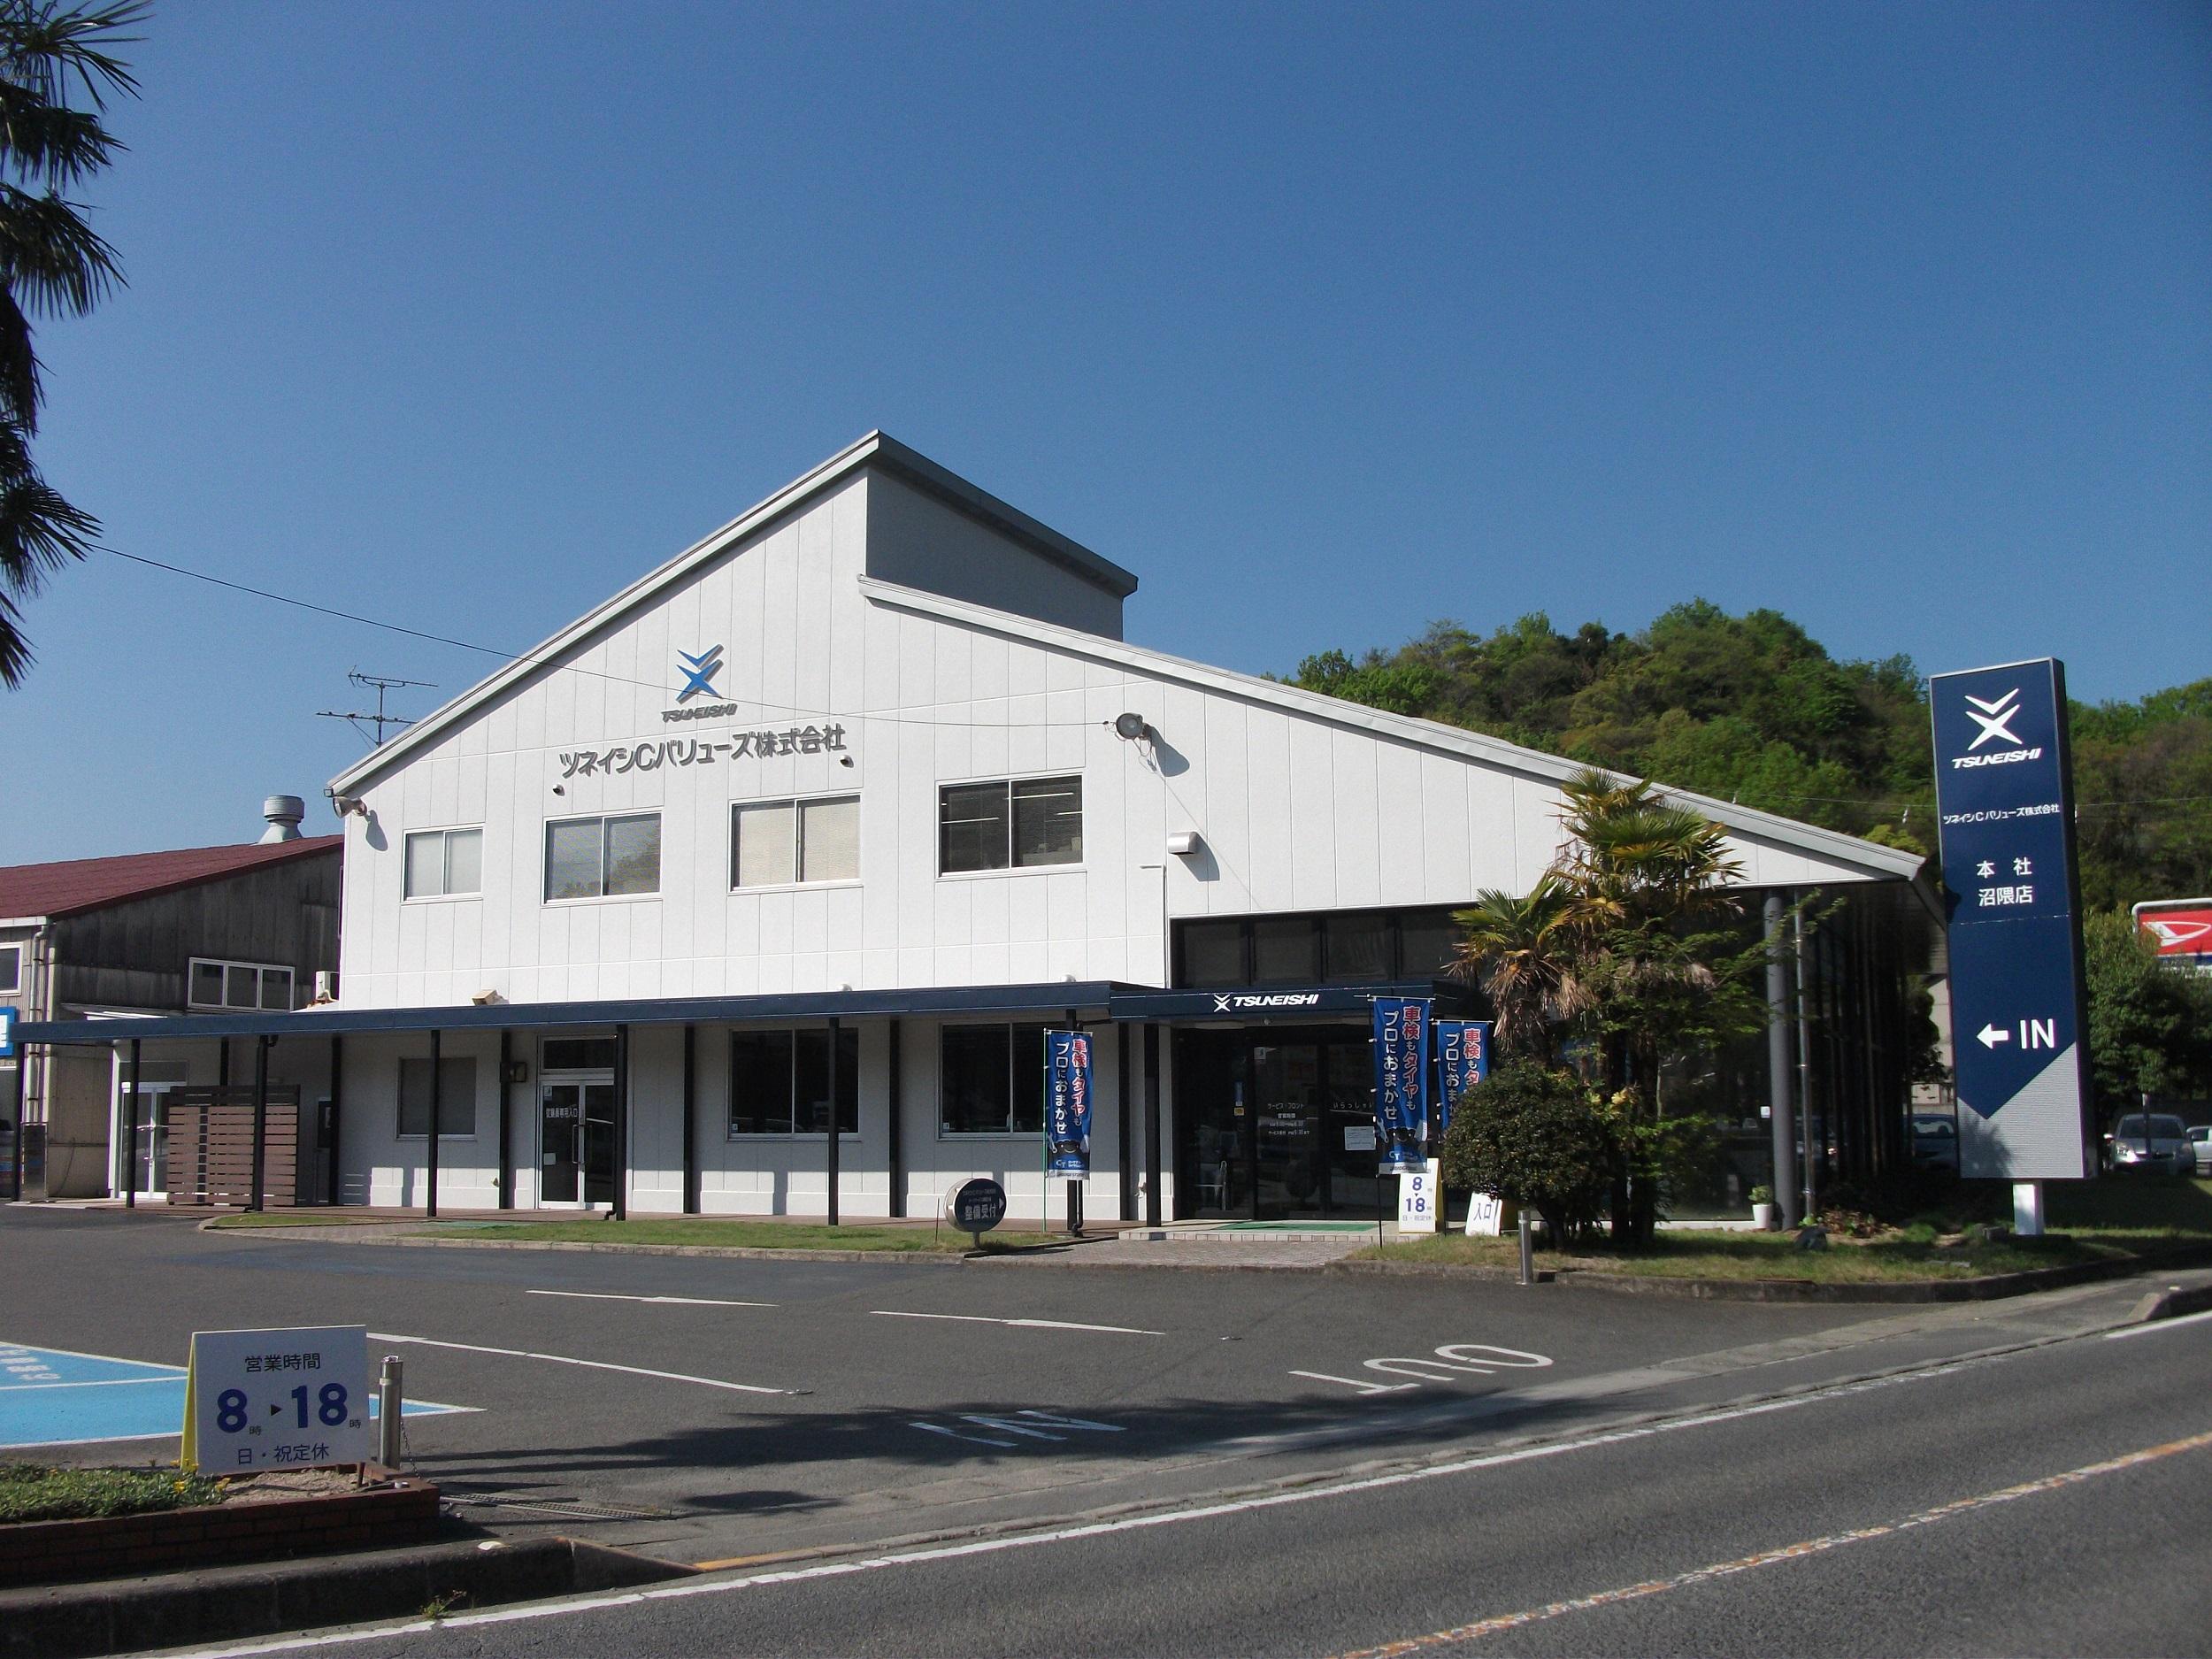 ツネイシCバリューズ沼隈店・福山店 ゴールデンウィーク期間の営業に関するお知らせ